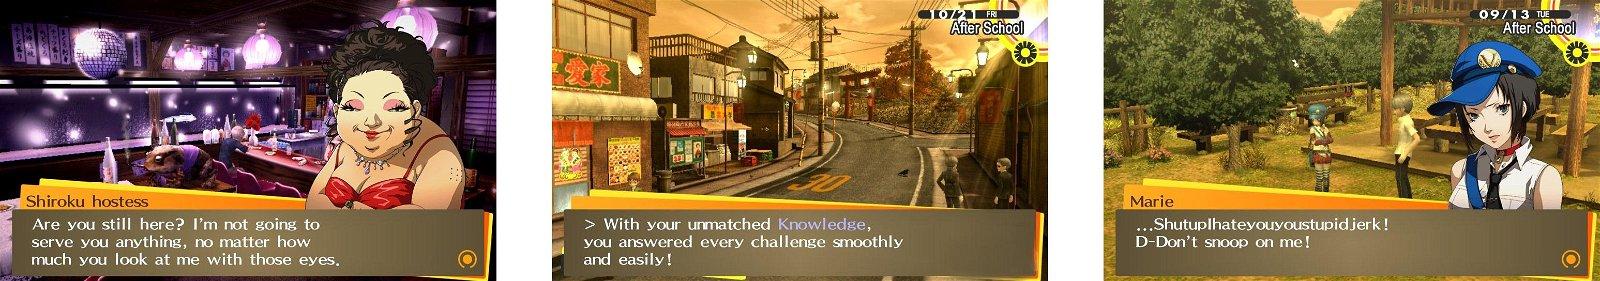 Persona-4-Golden_screens_1_0009.jpg